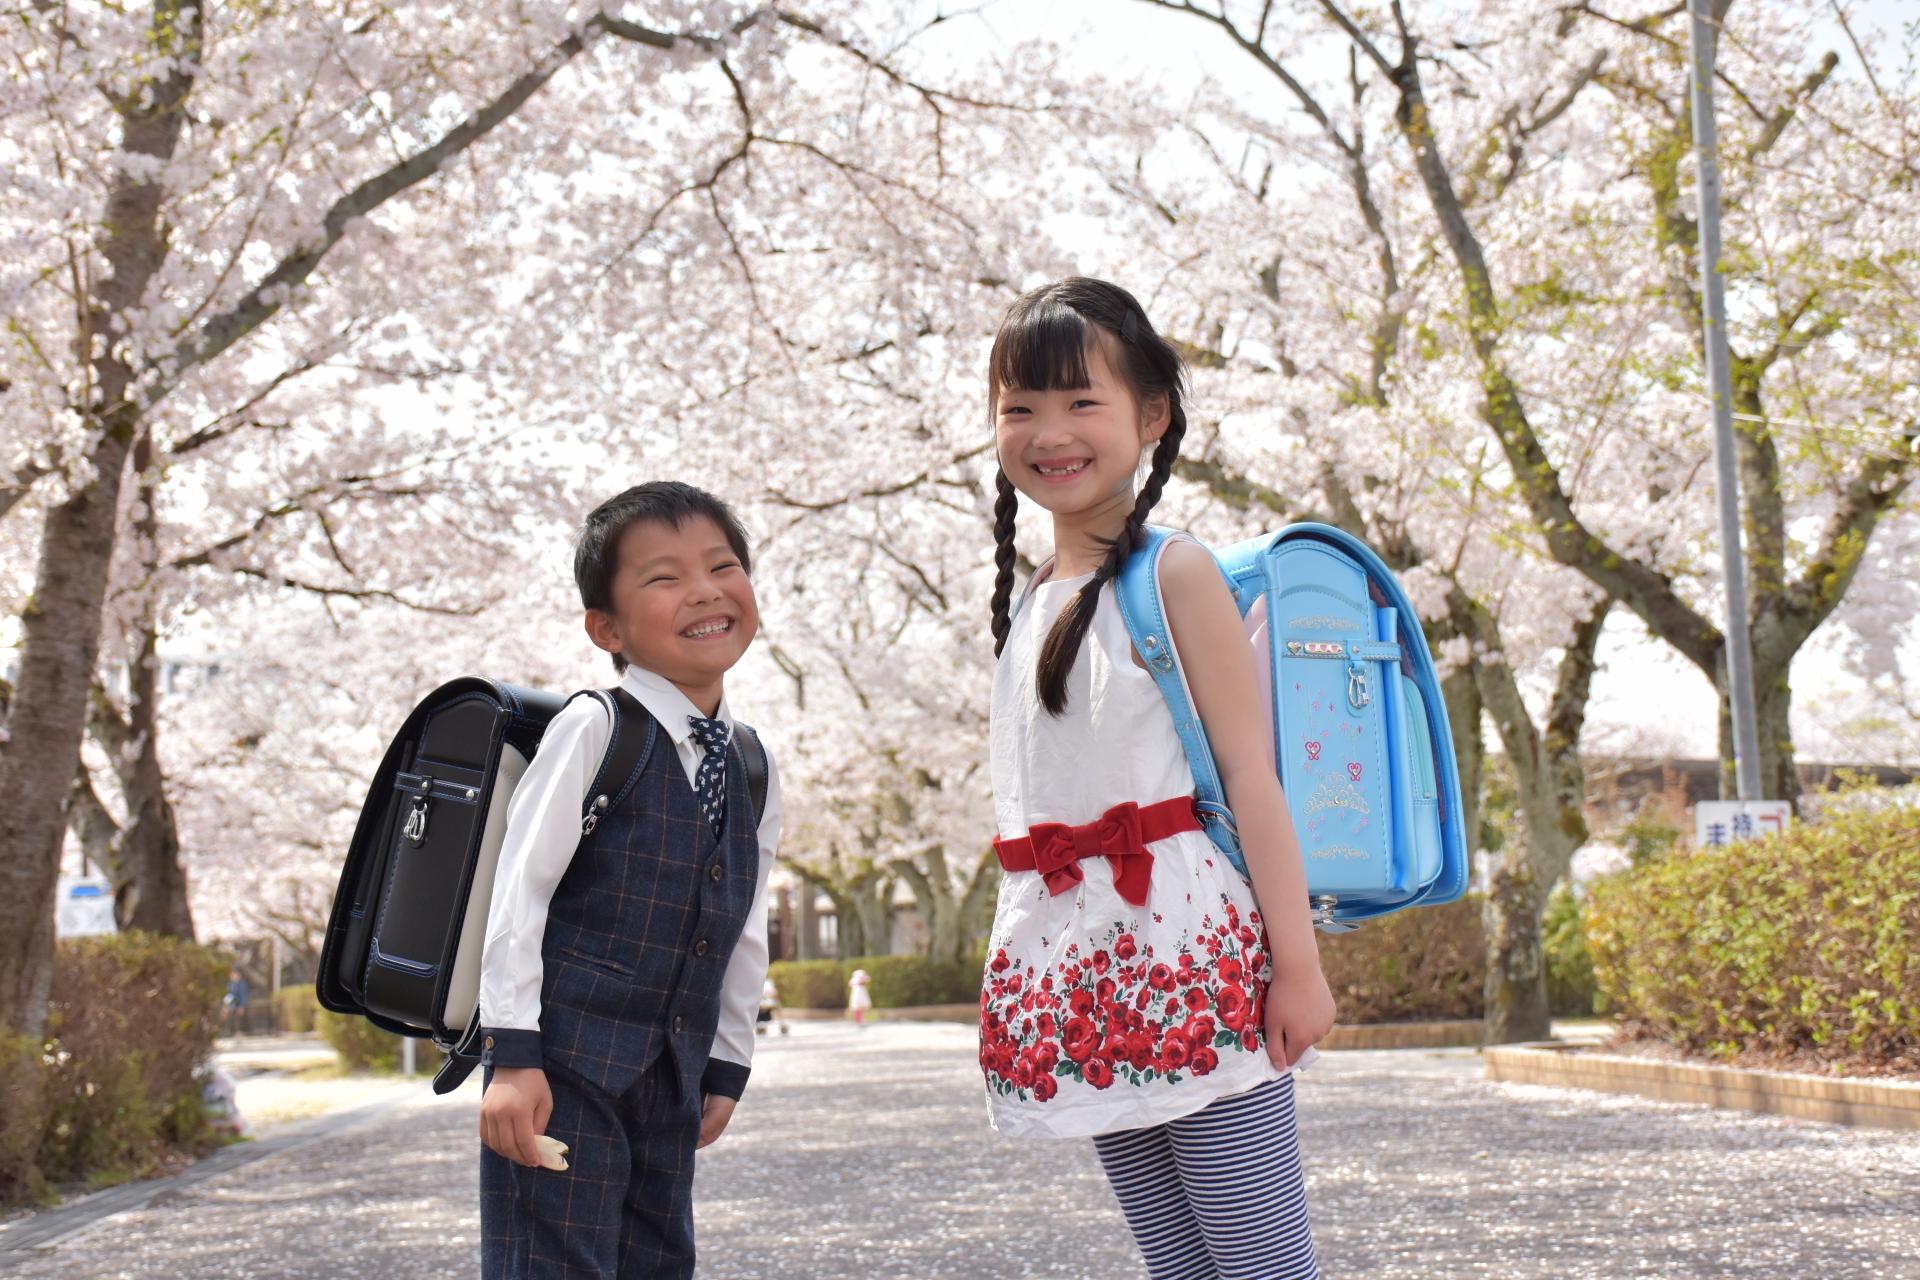 小学生の見守りに活用したい子供用GPSの選び方